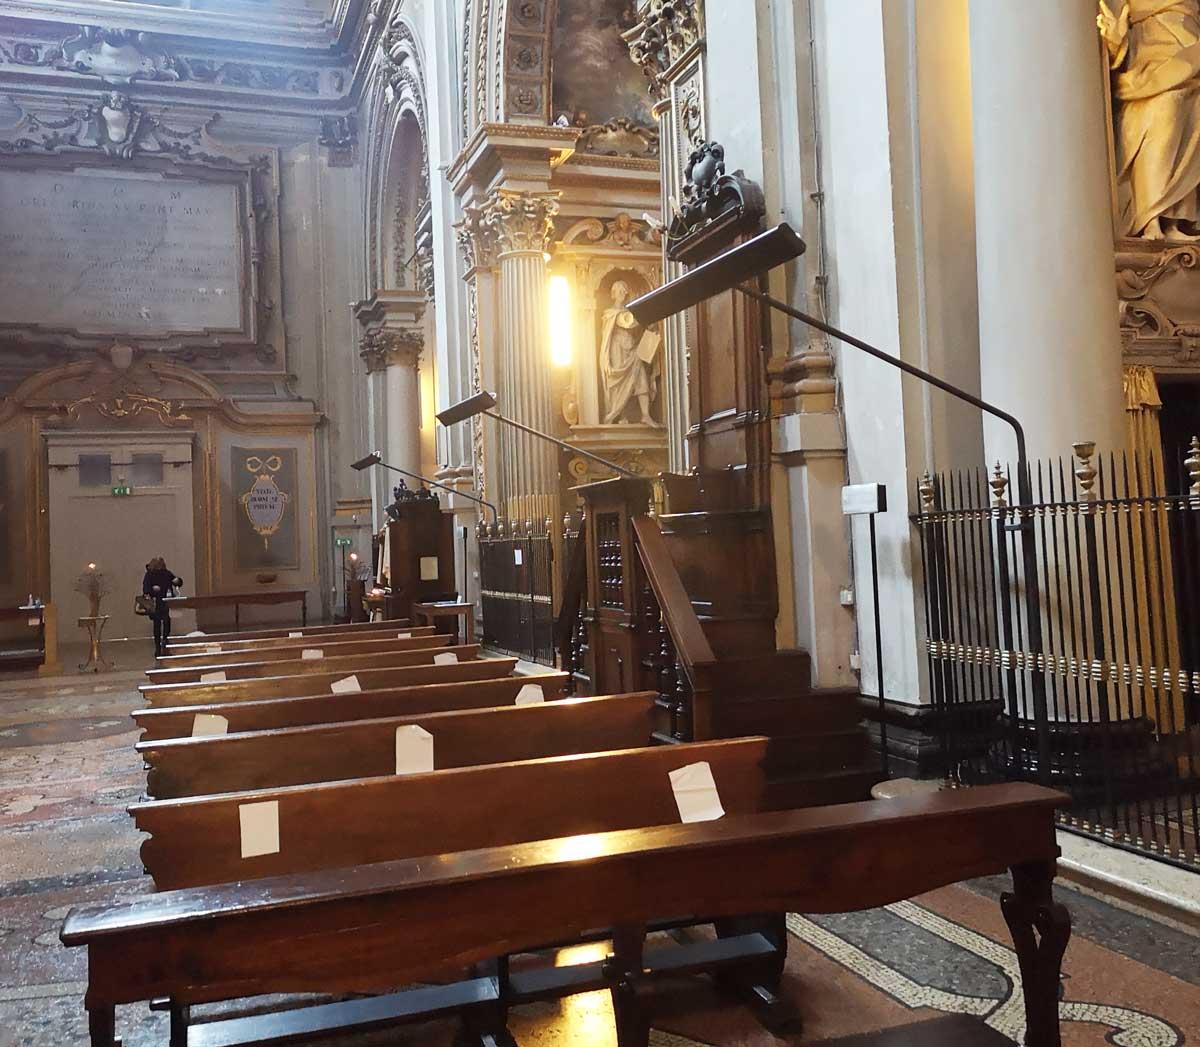 riscaldamento-luoghi-di-culto-e-chiese2-athitalia